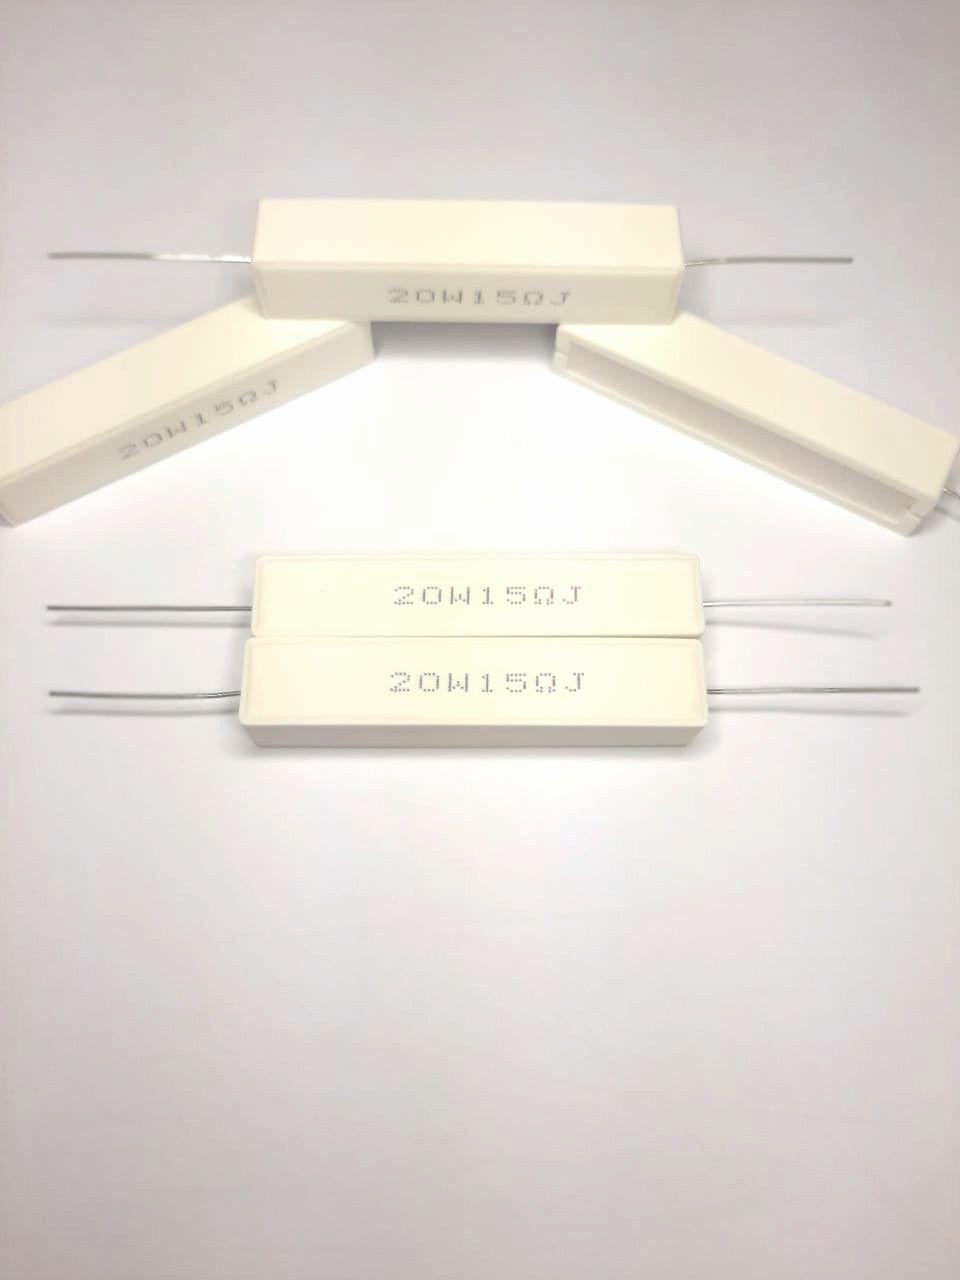 Resistores de Fio 20W 5% Porcelana SQP Valores 1R0 Até 820R Caixa com 50 Peças